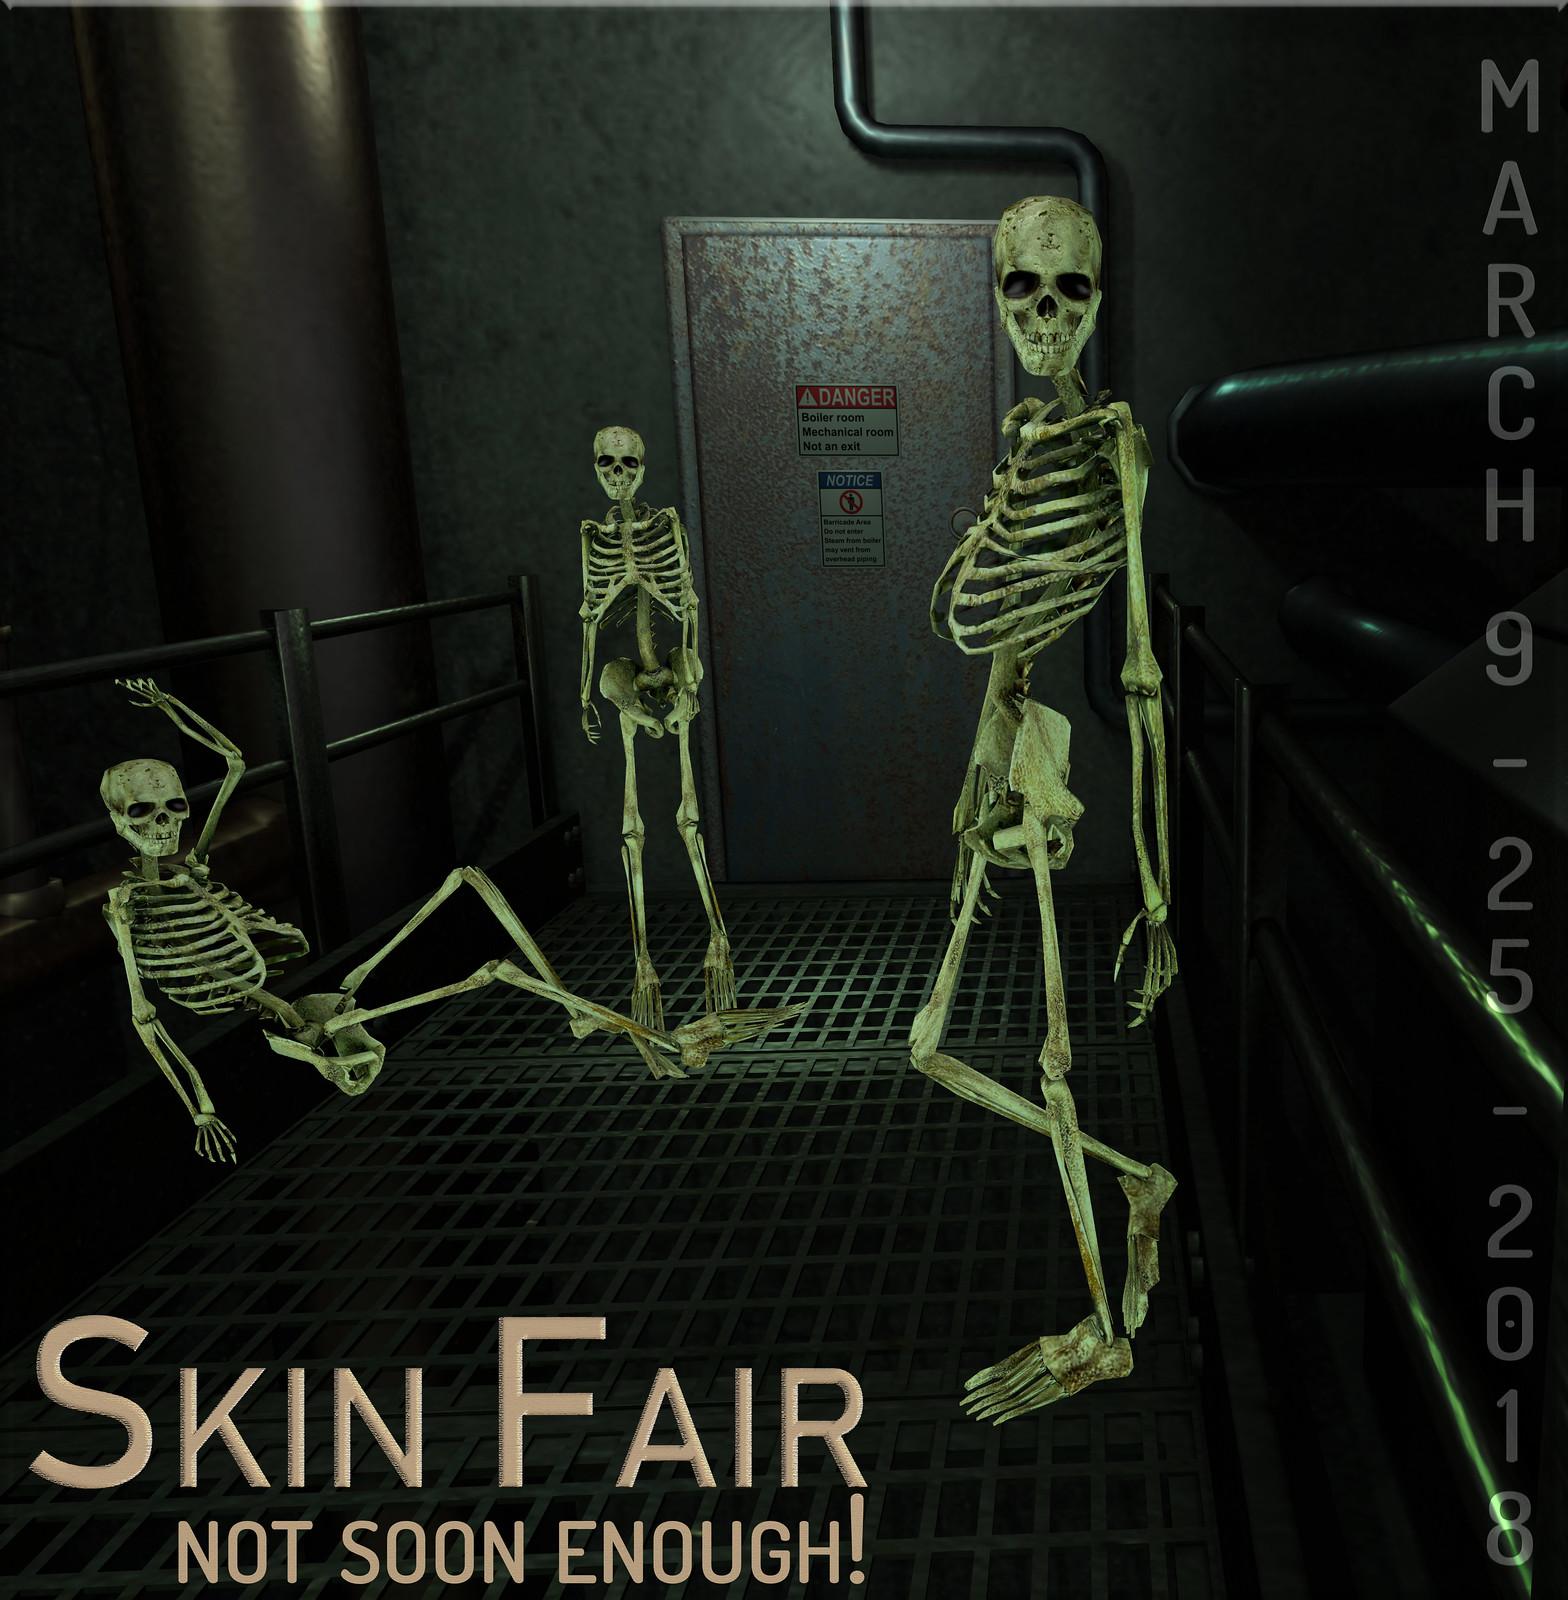 Skin Fair - Not Soon Enough